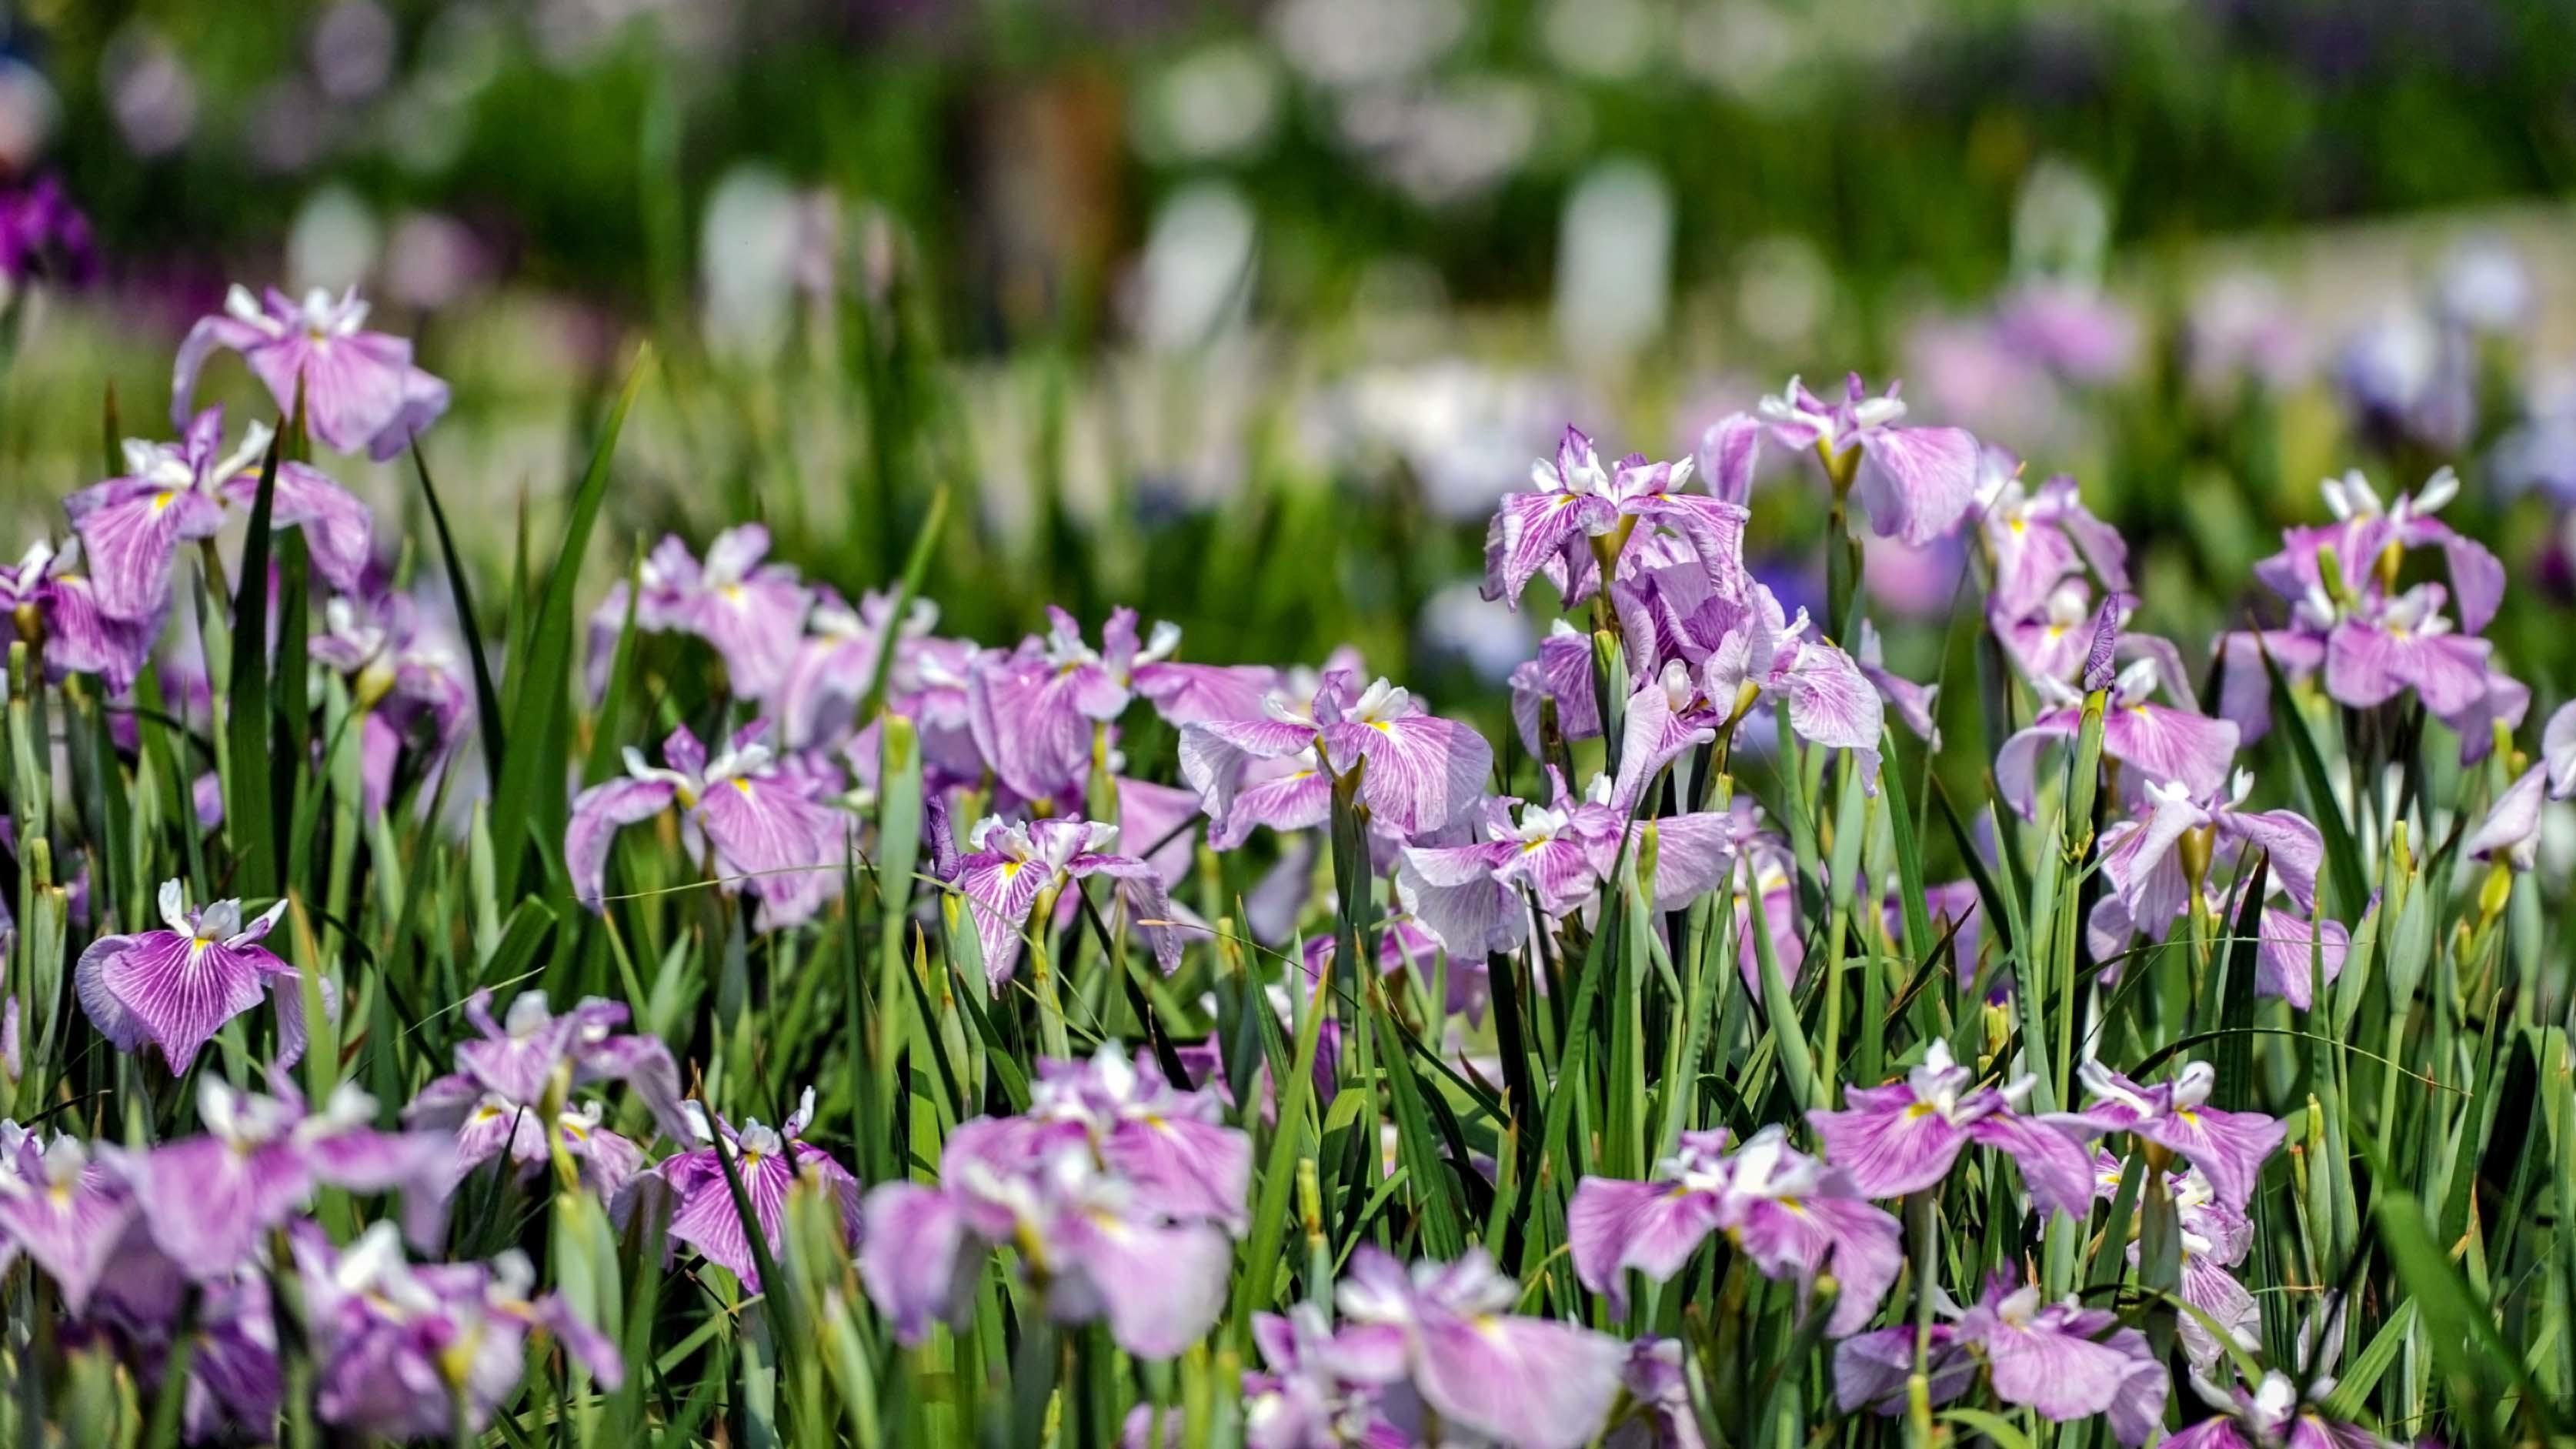 かわつ花菖蒲園 2018 多種多様な花々の魅力_d0246136_14510349.jpg